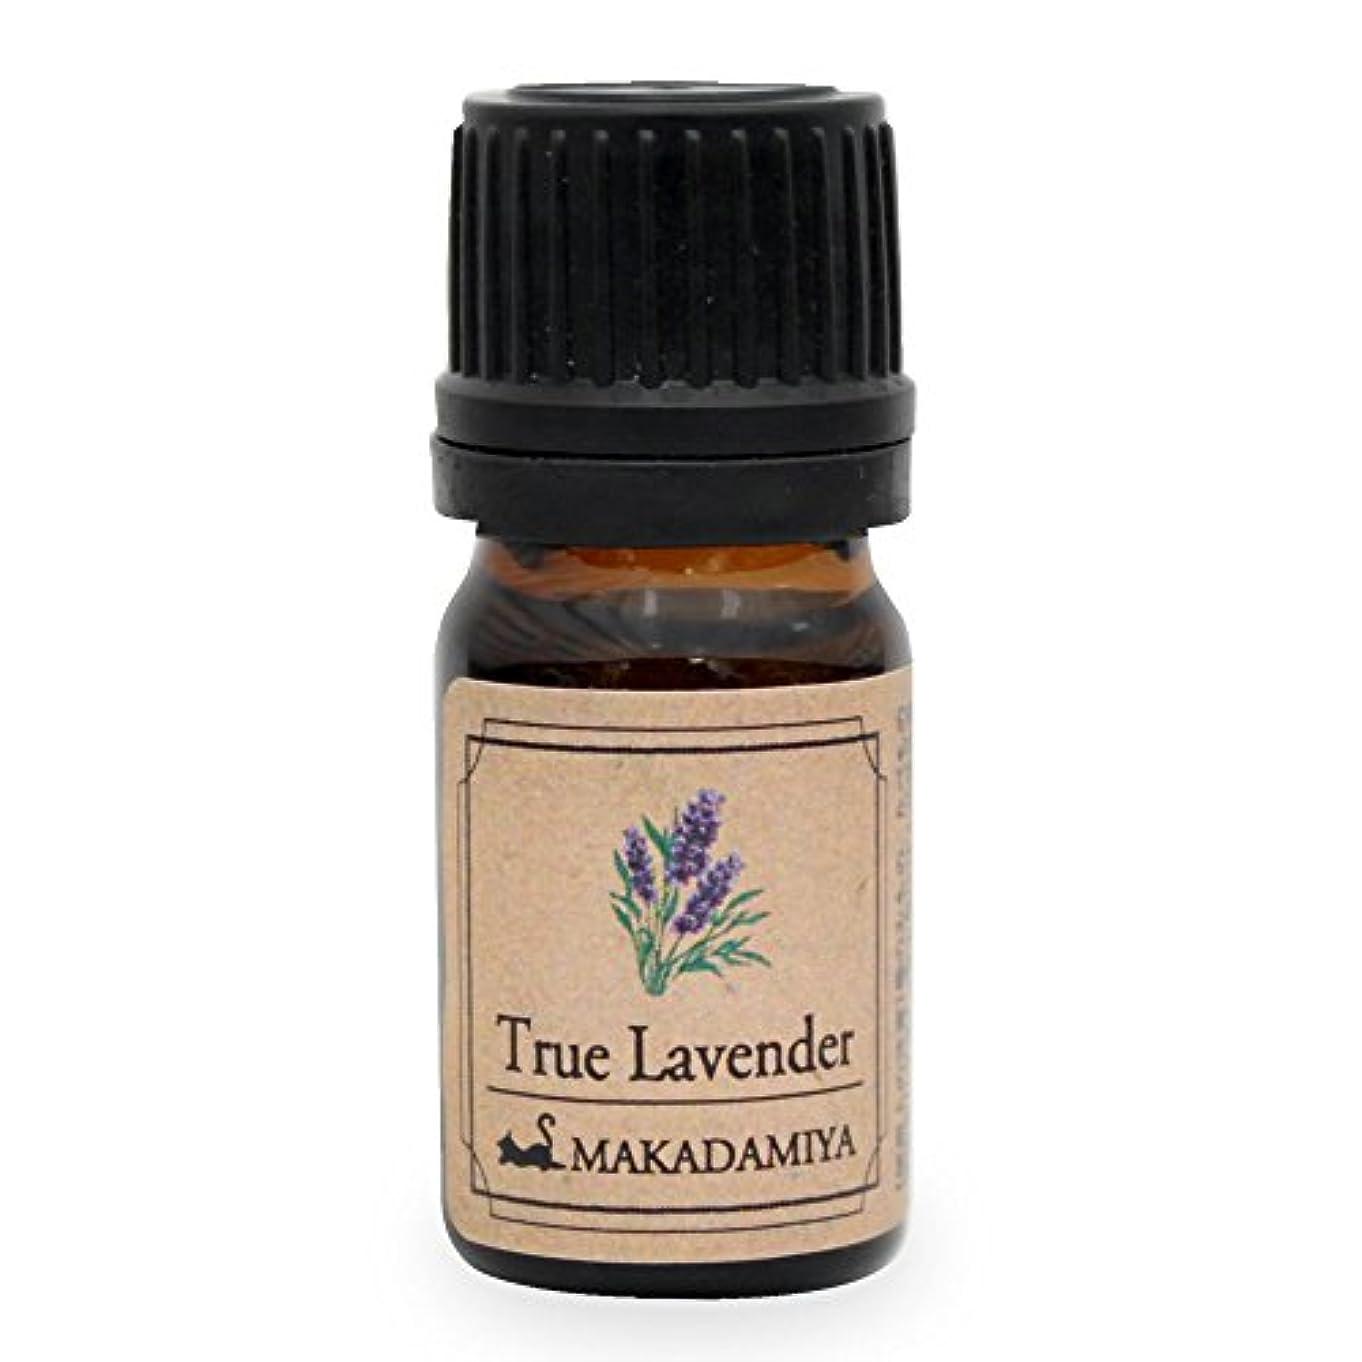 侵略講師障害者真正ラベンダー5ml 天然100%植物性 エッセンシャルオイル(精油) アロマオイル アロママッサージ aroma TrueLavender